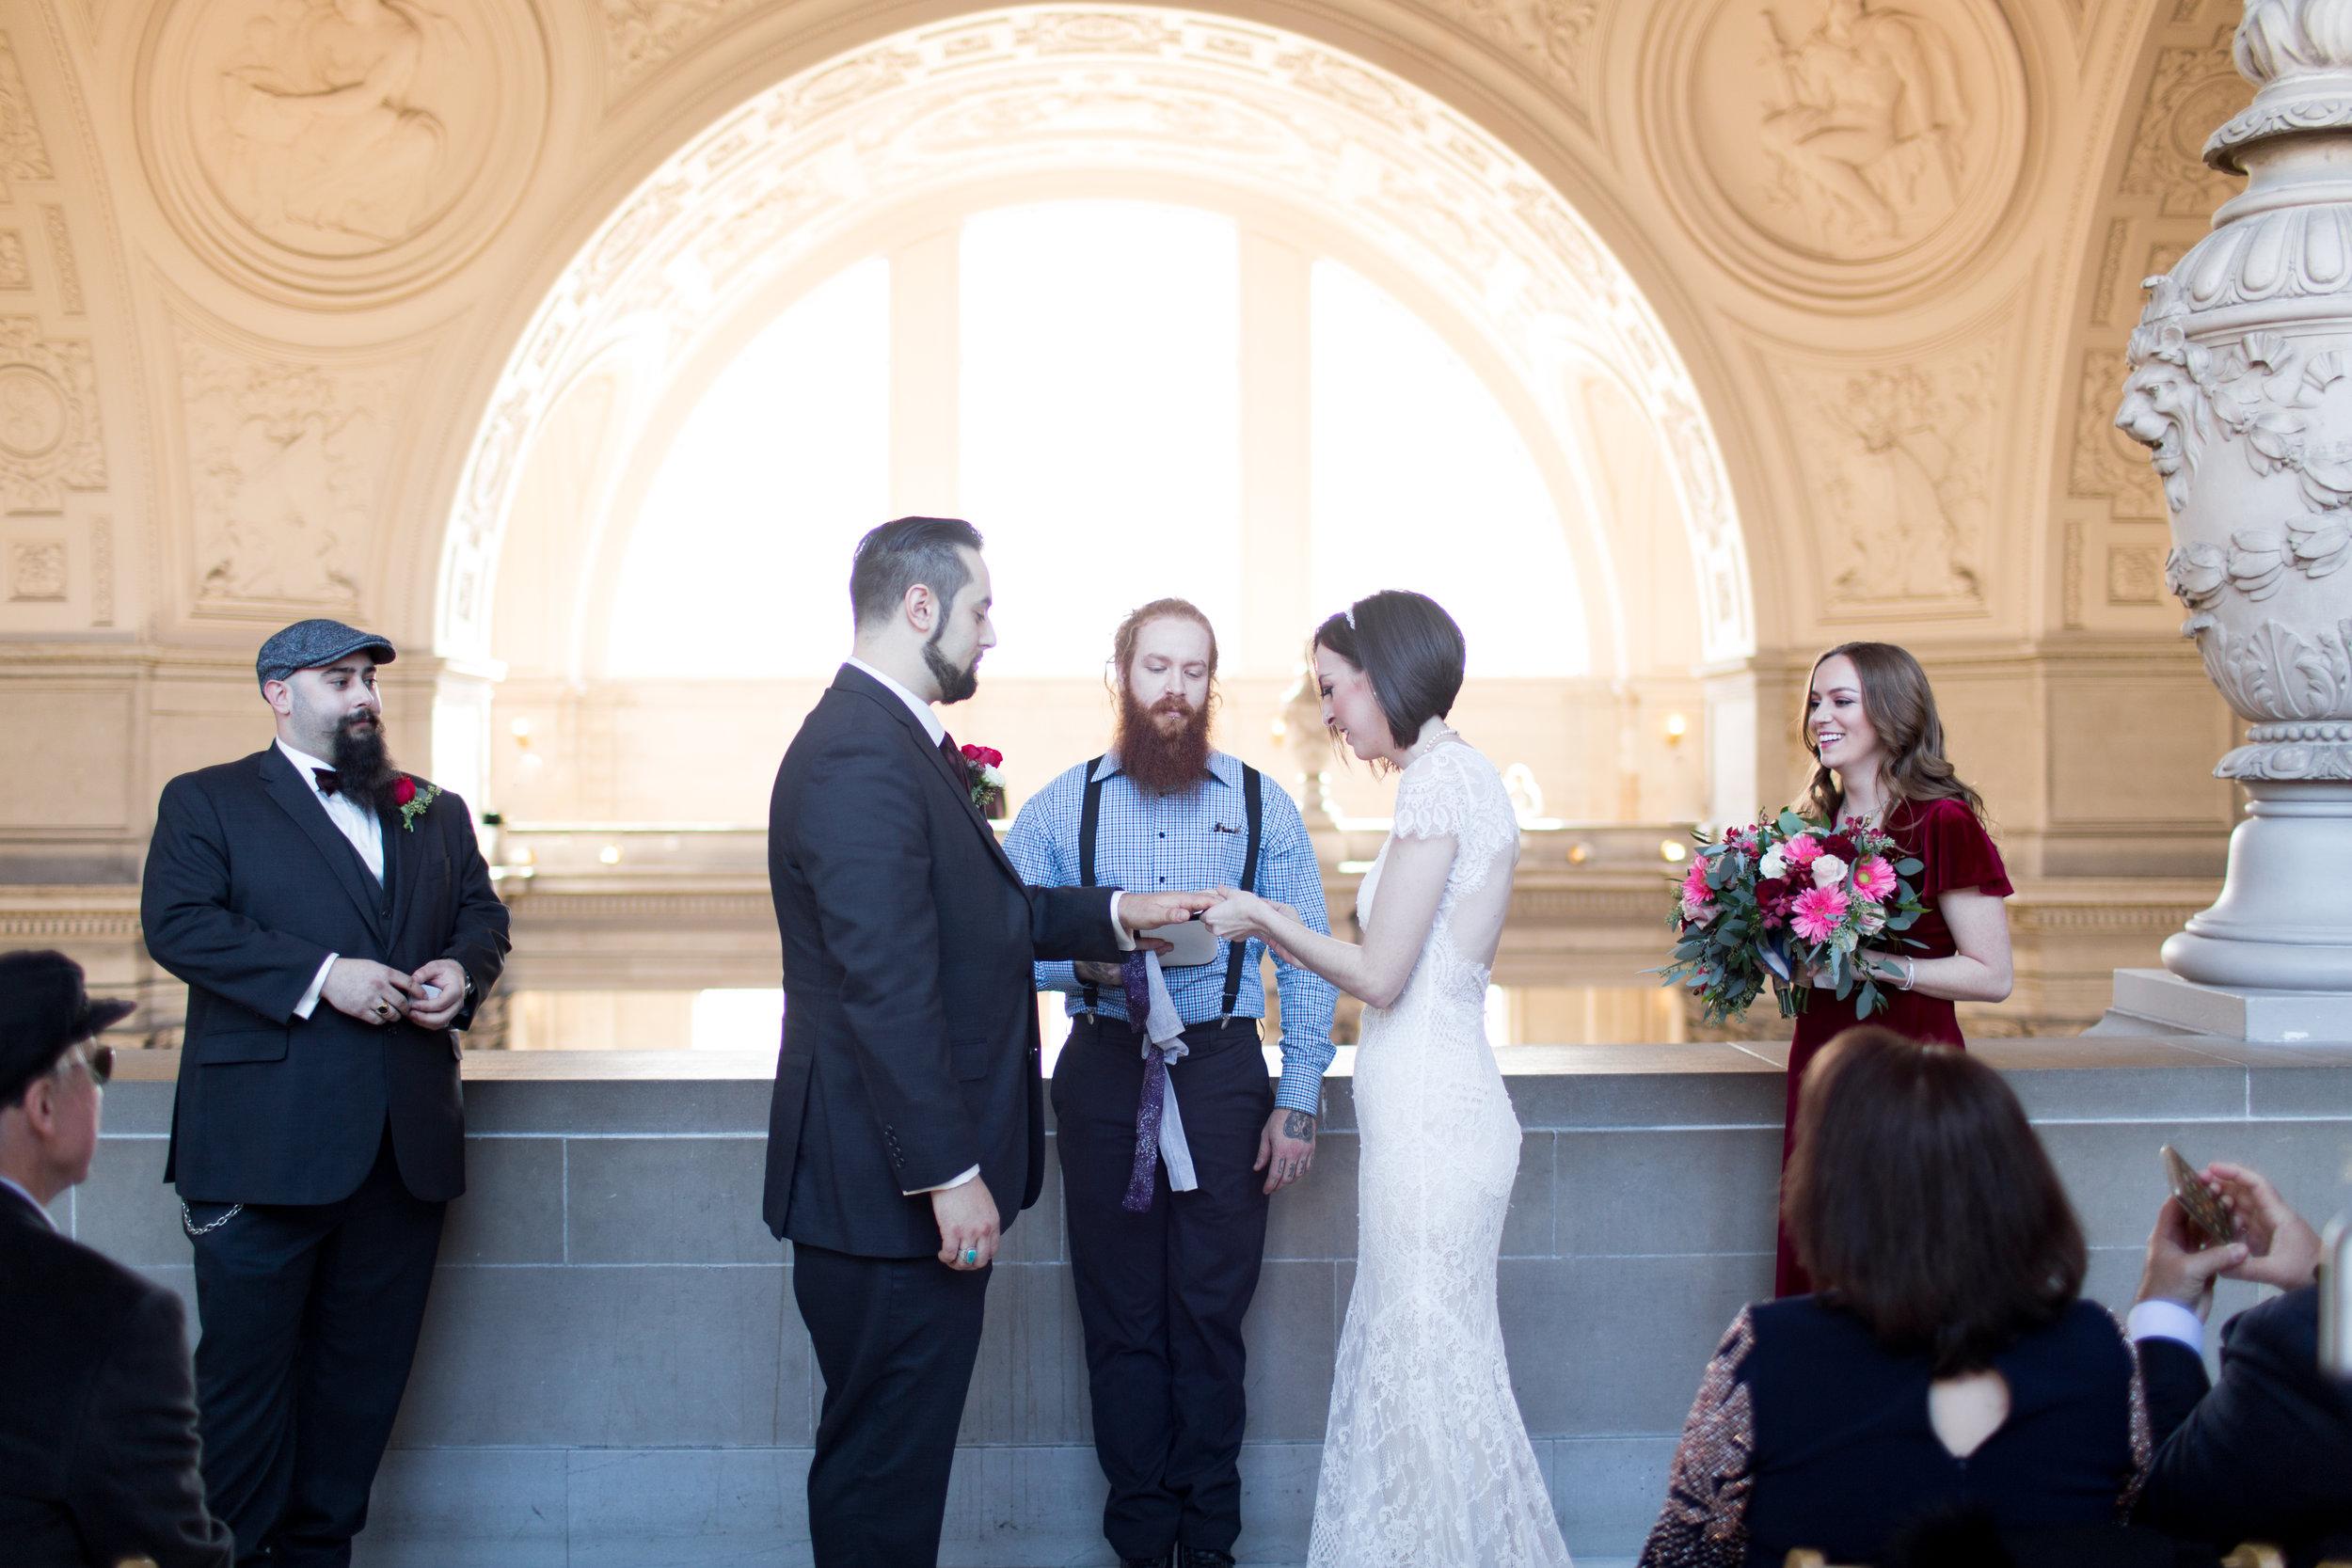 Renee&Jake_WeddingPreviews-003.jpg